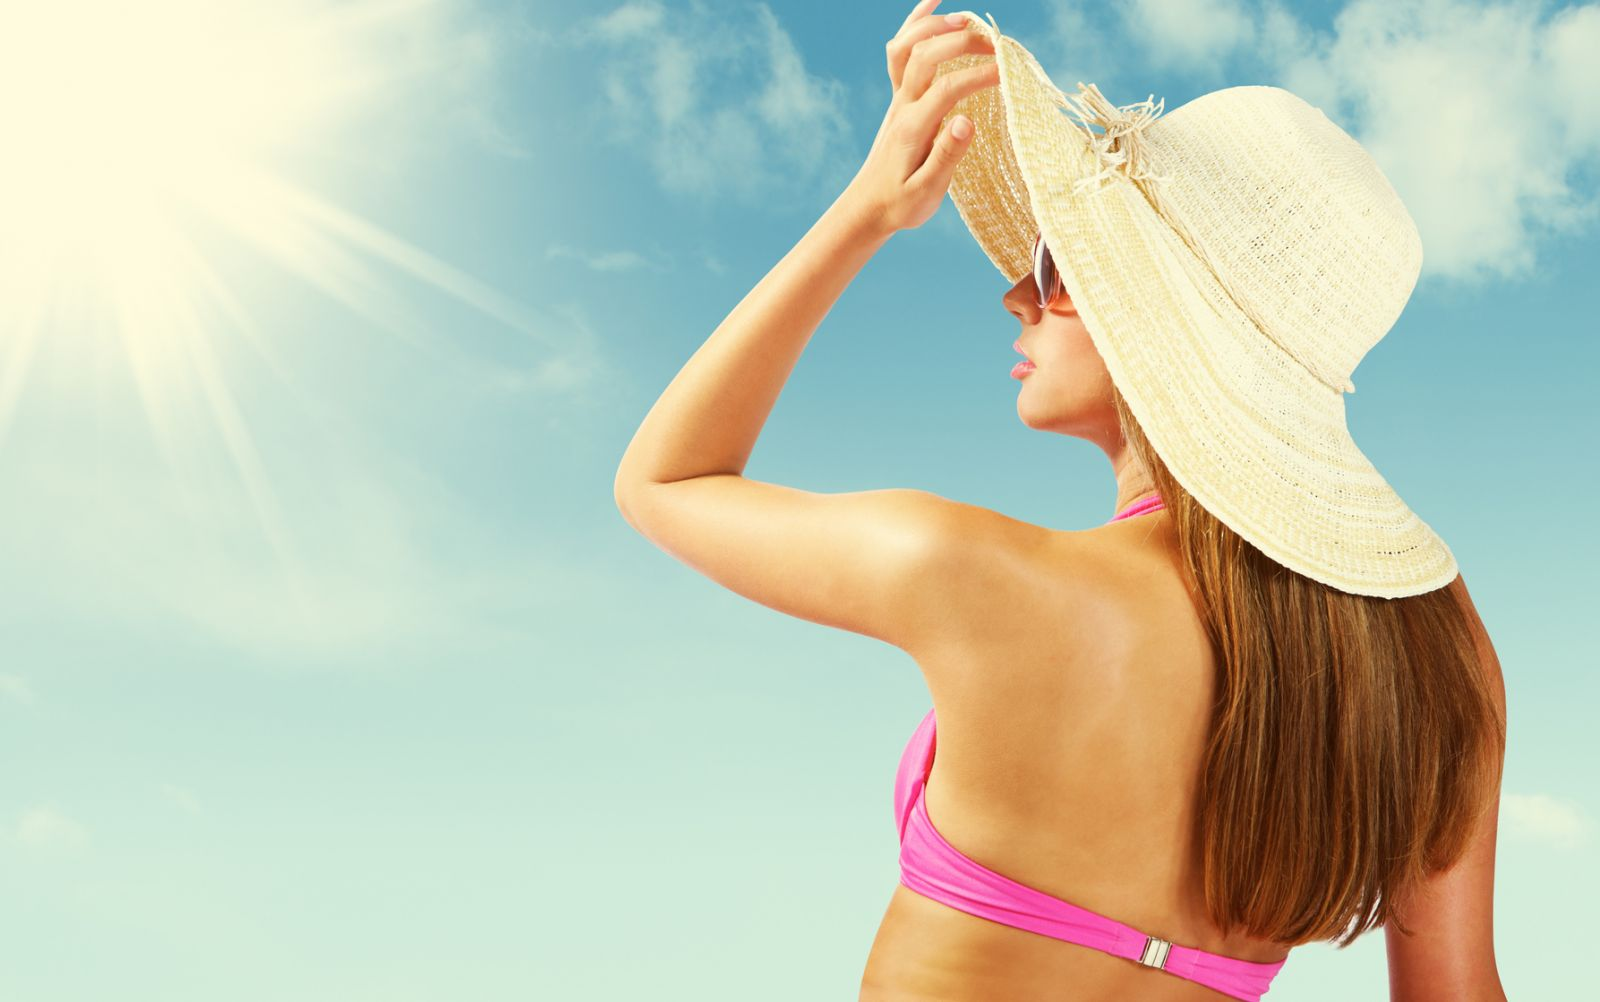 Сколько можно загорать беременным на солнце